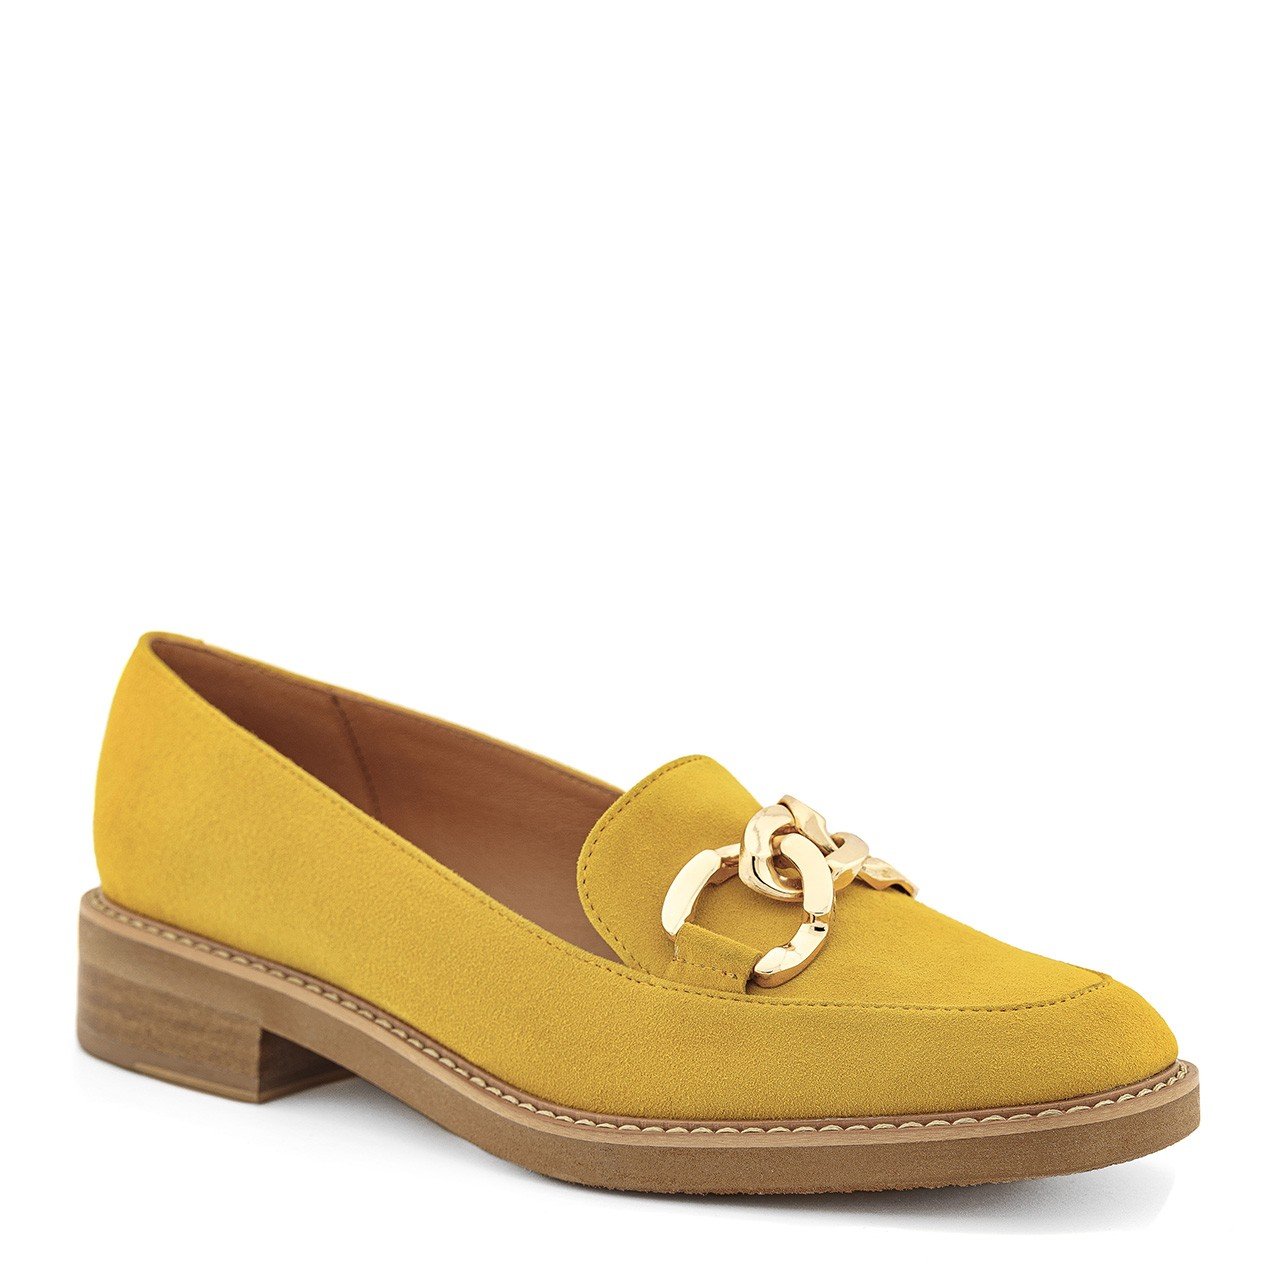 Damskie mokasyny w wyjątkowym żółtym kolorze